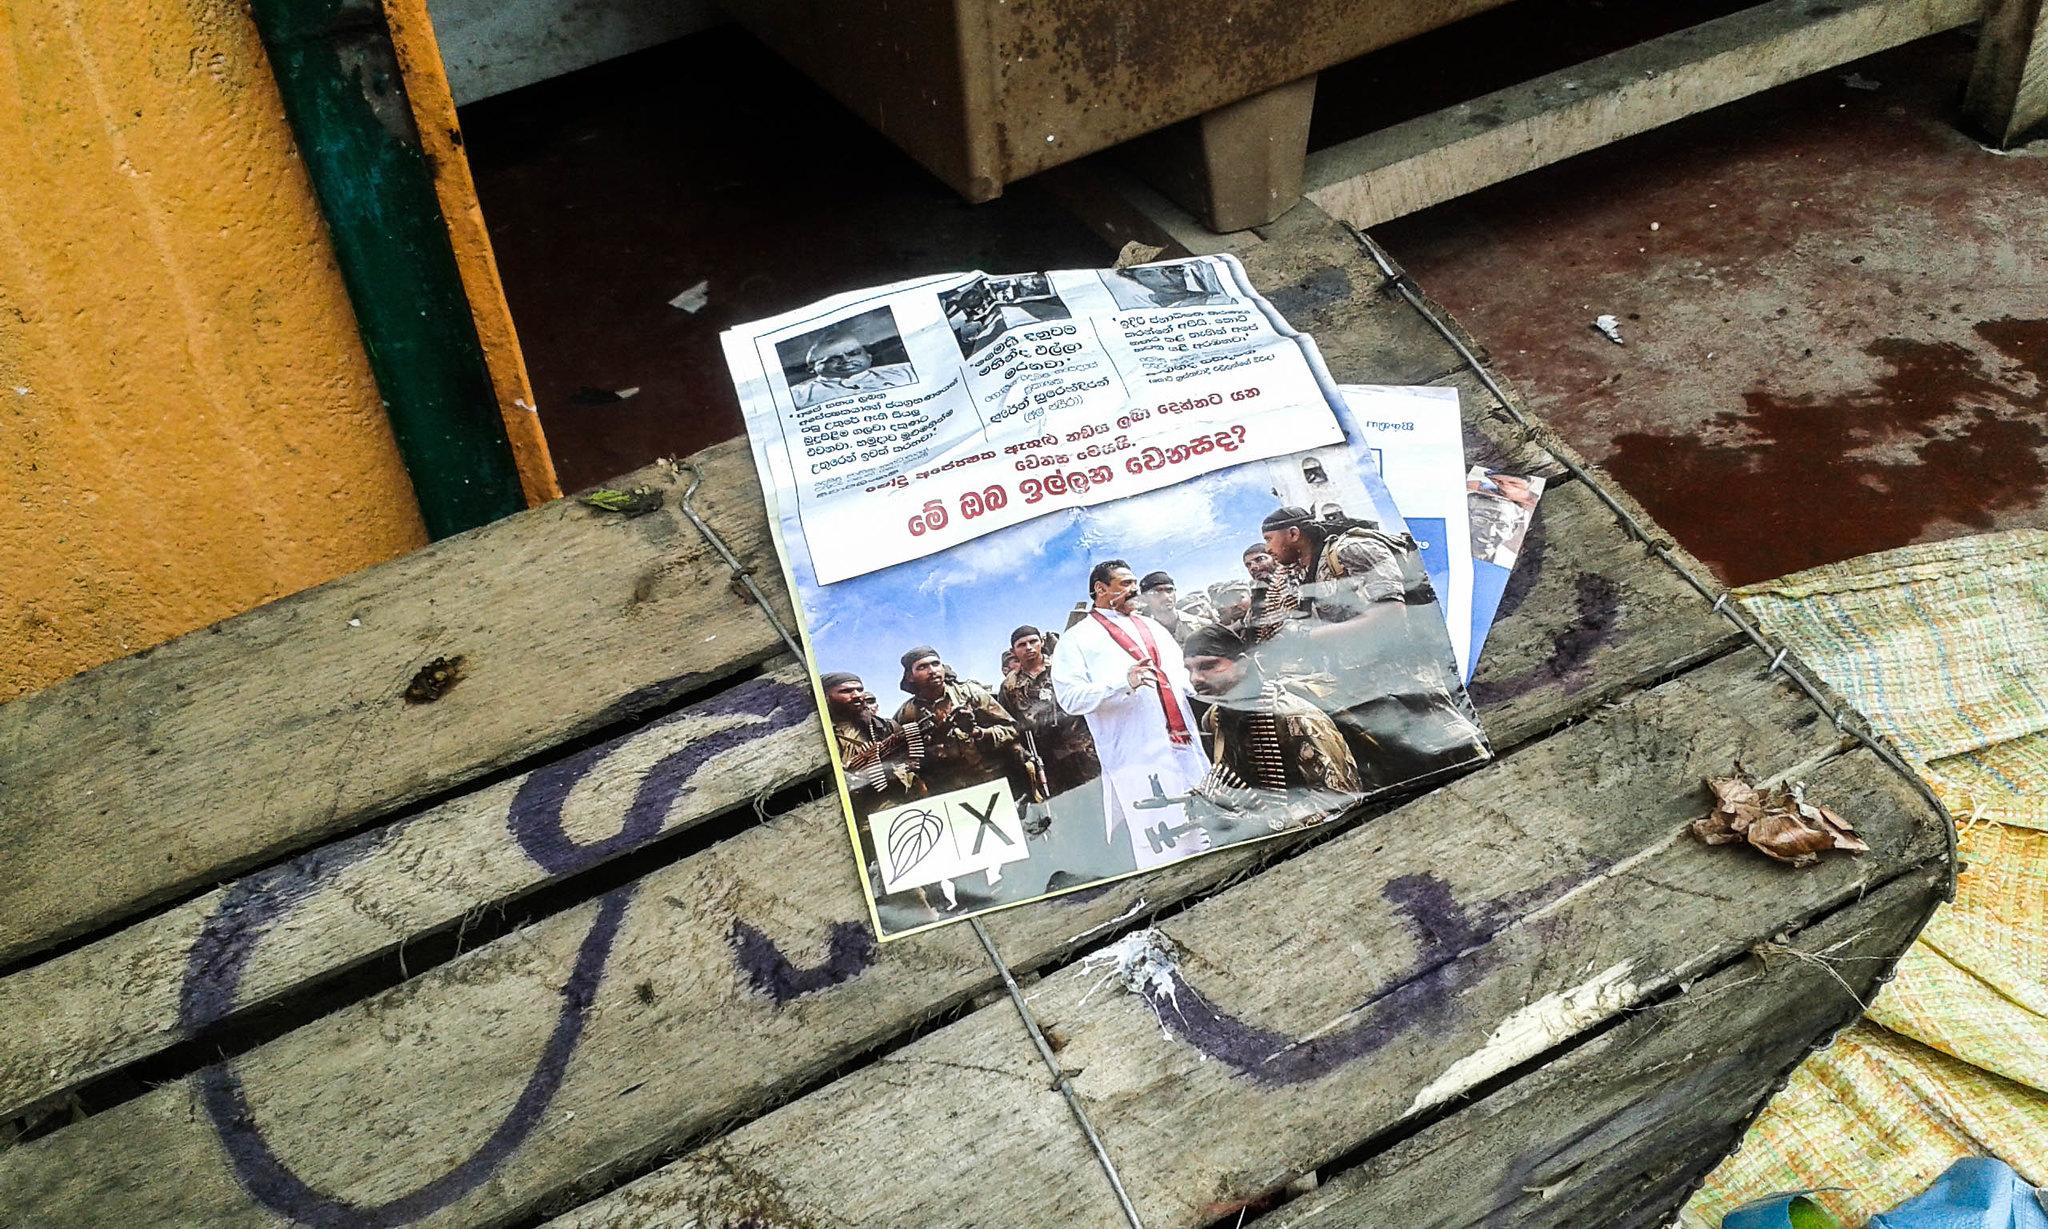 Sri Lanka election campaign literature